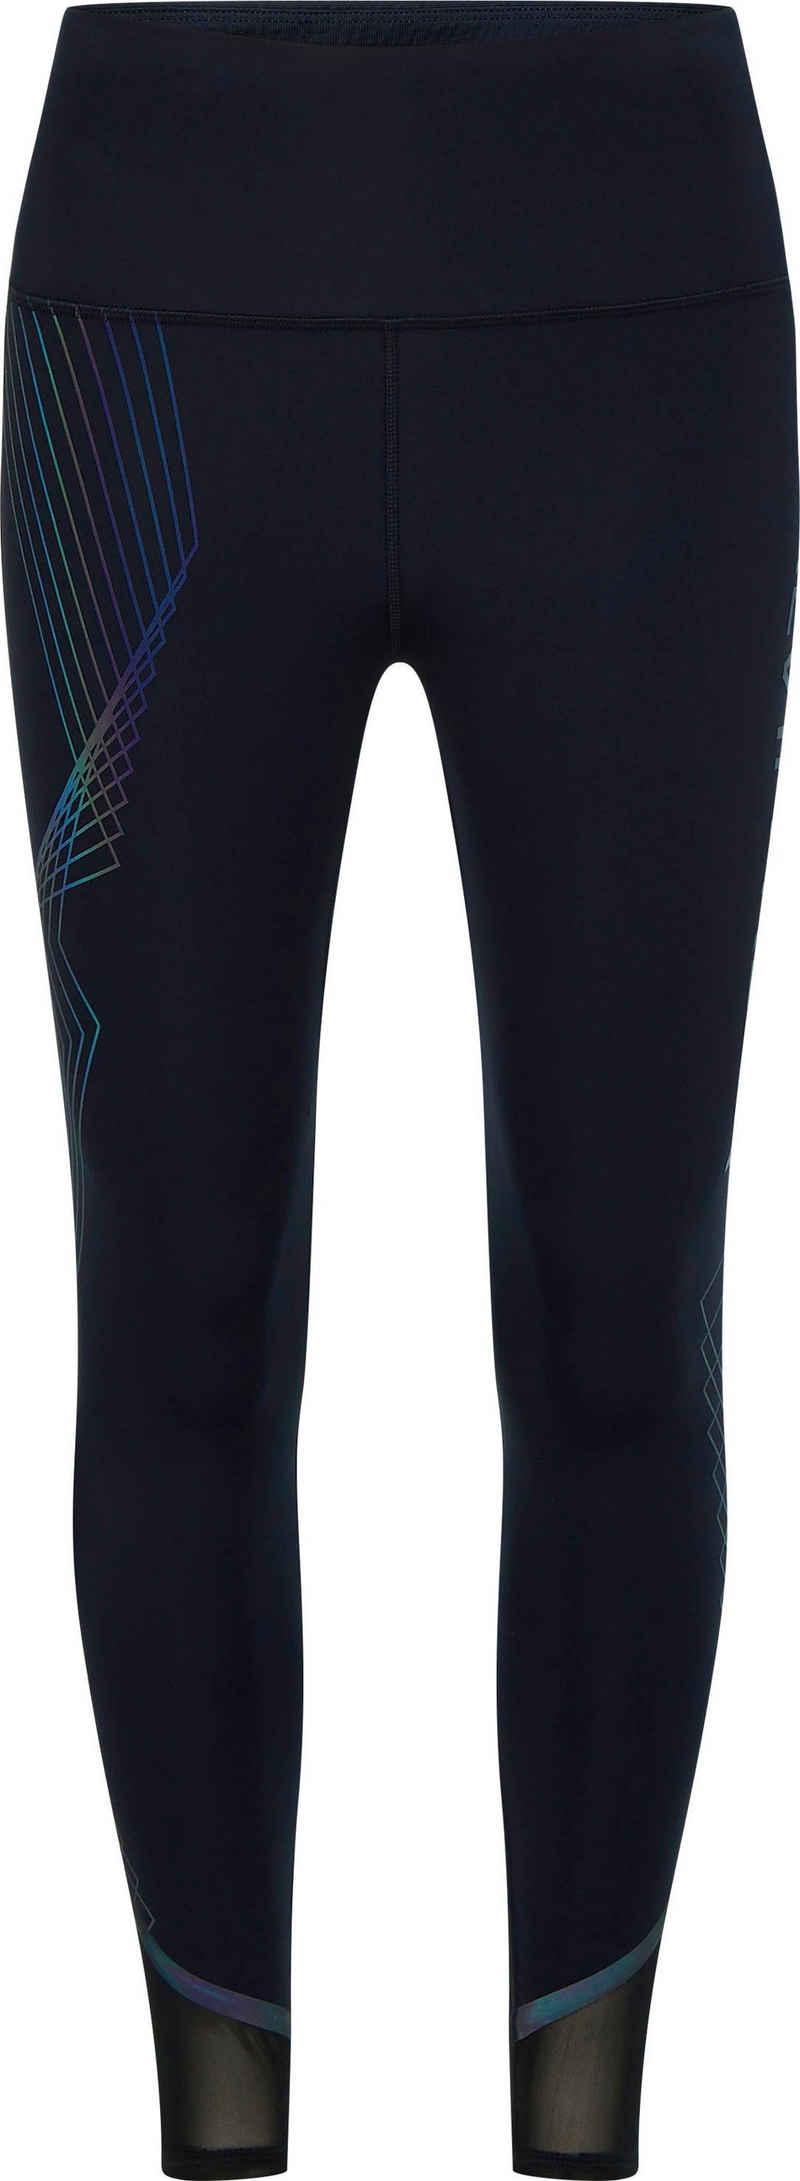 Calvin Klein Performance 7/8-Leggings »WO - Tight (7/8)« mit multifarbenen Print